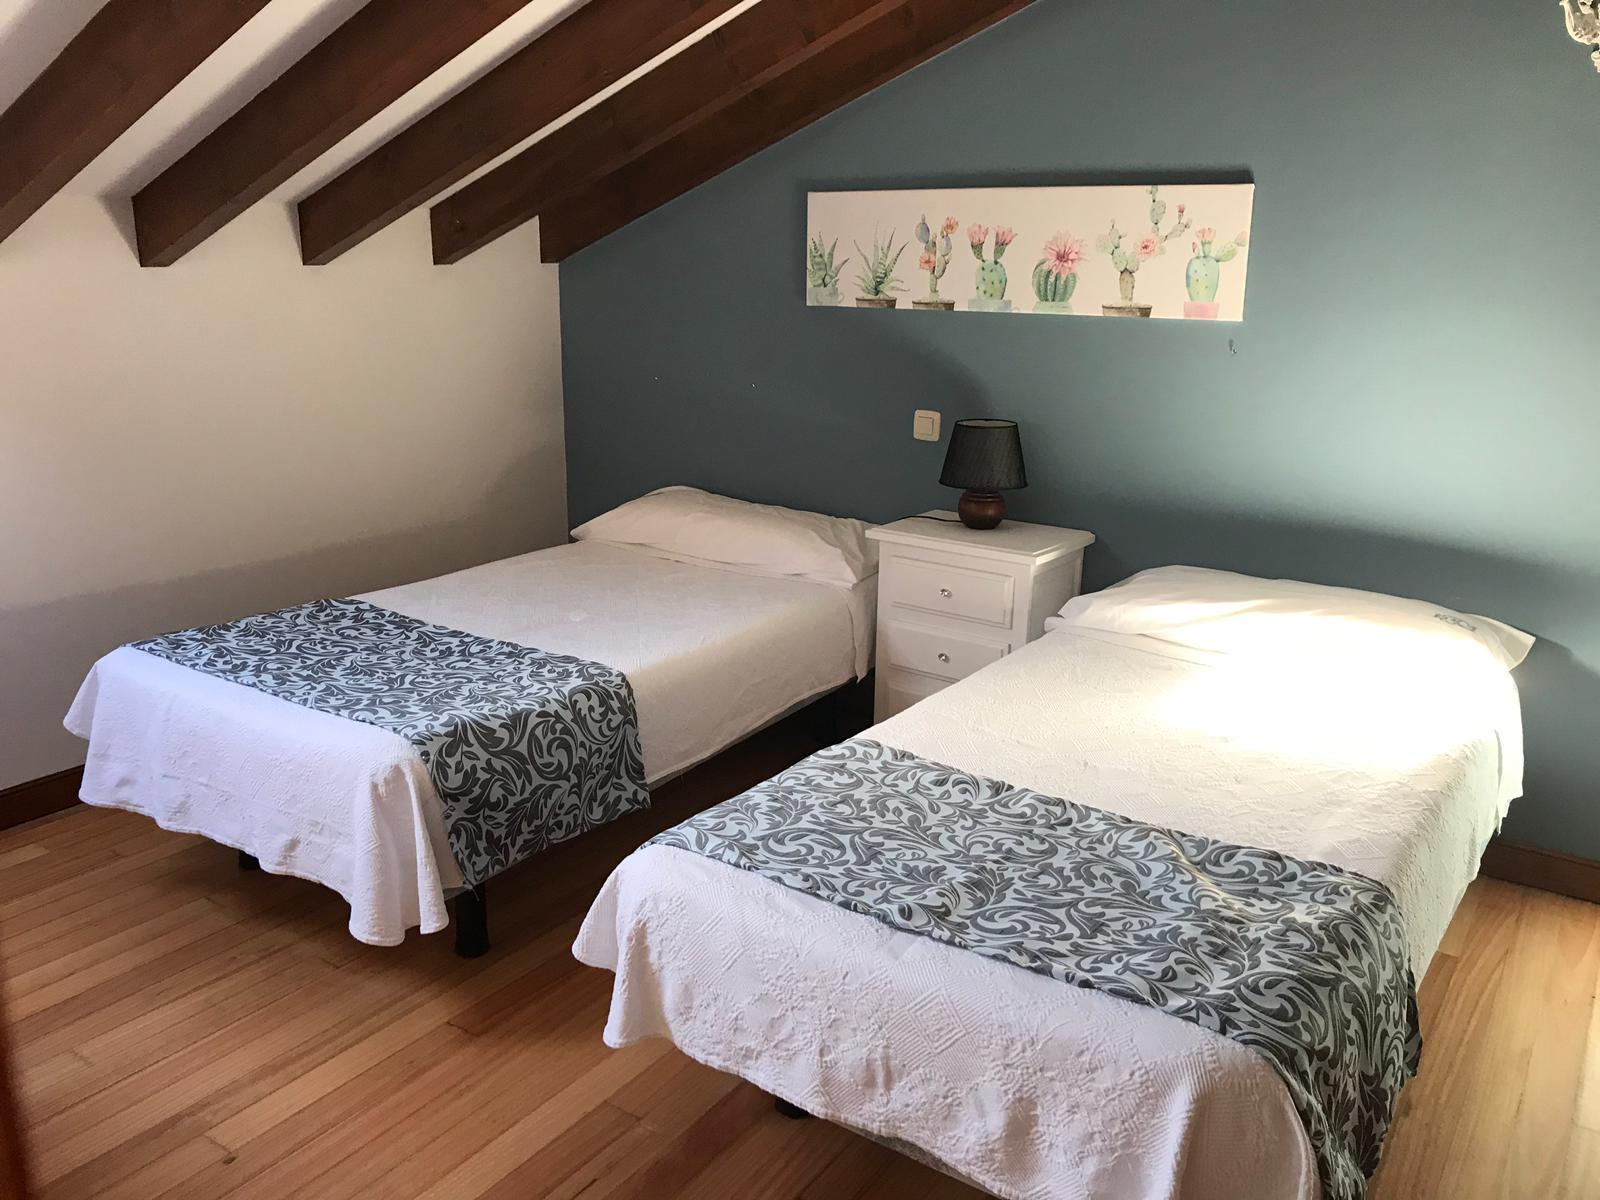 hotel rural-abanillas-cantabria-san vicente-comillas-llanes-asturias-mascotas-desayuno-casa rural (12)